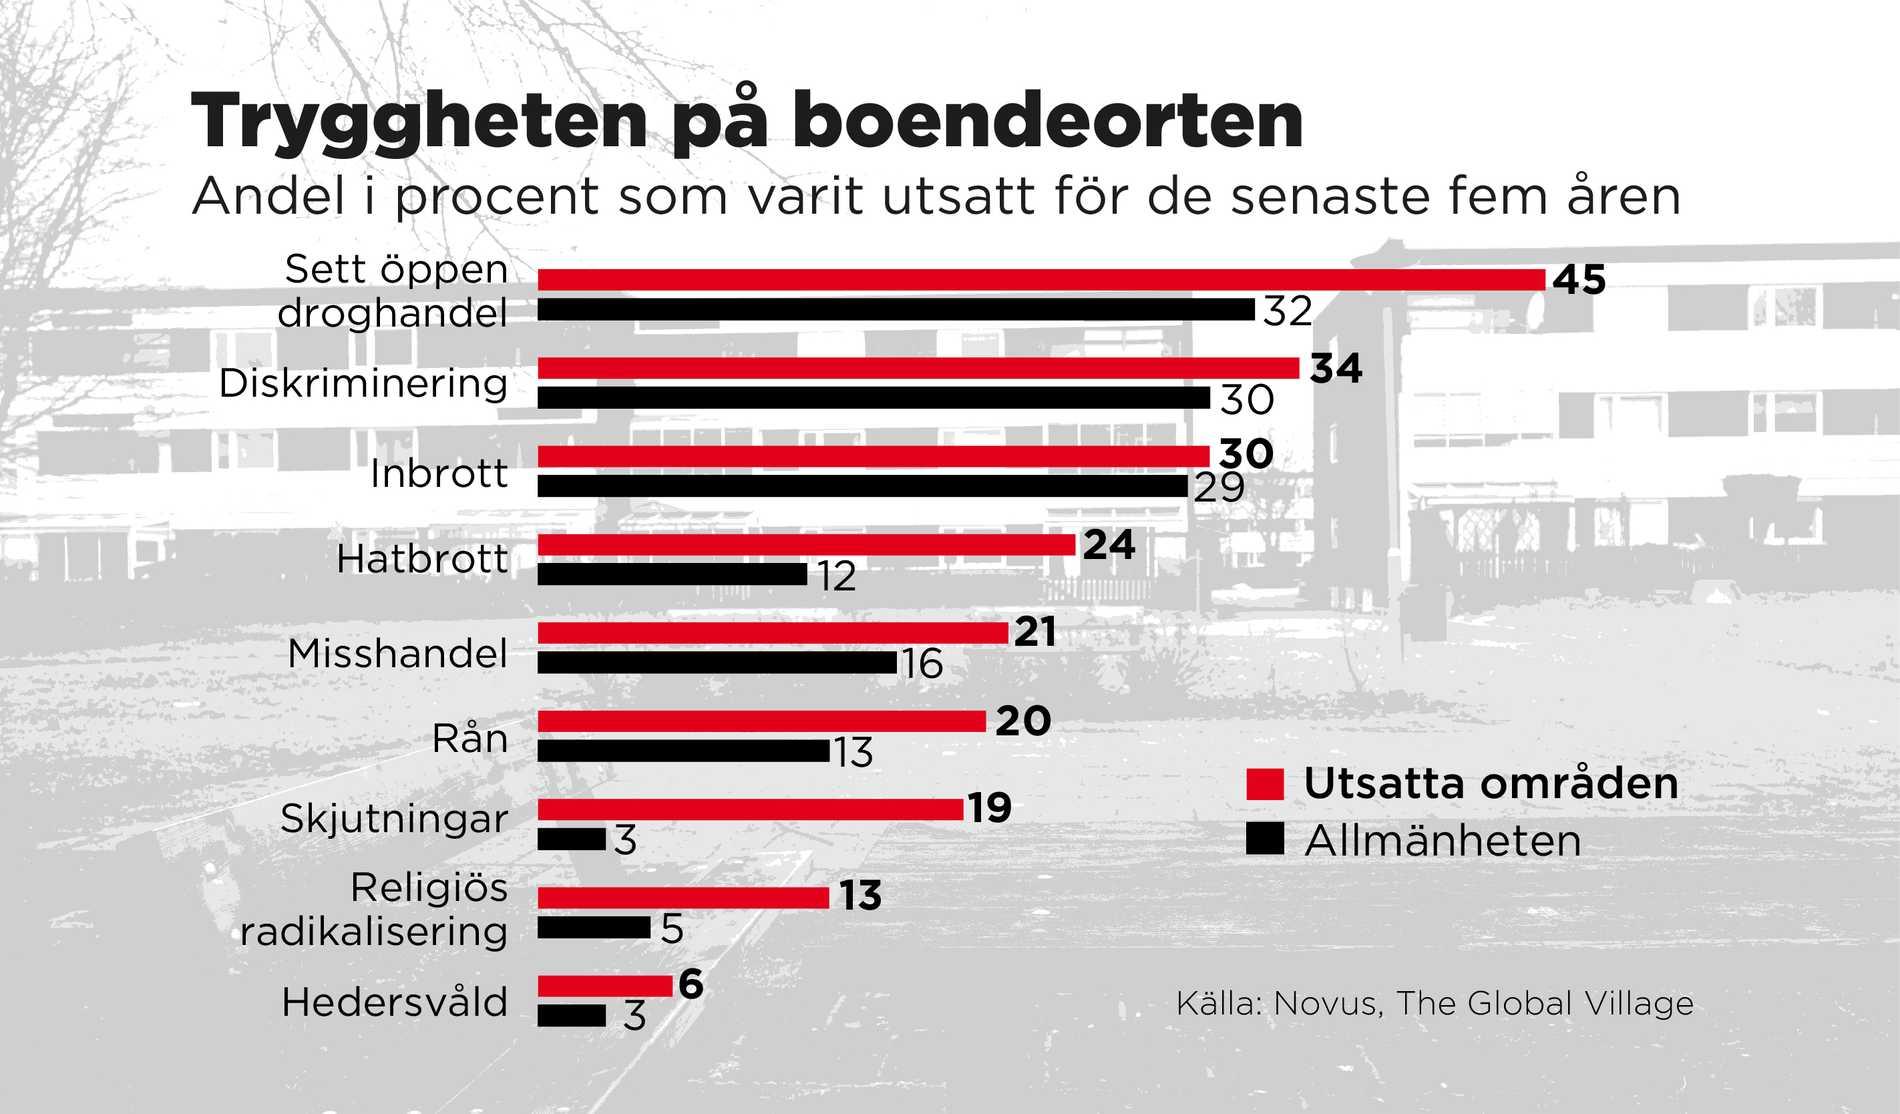 Andel i procent som varit utsatt för olika brott de senaste fem åren